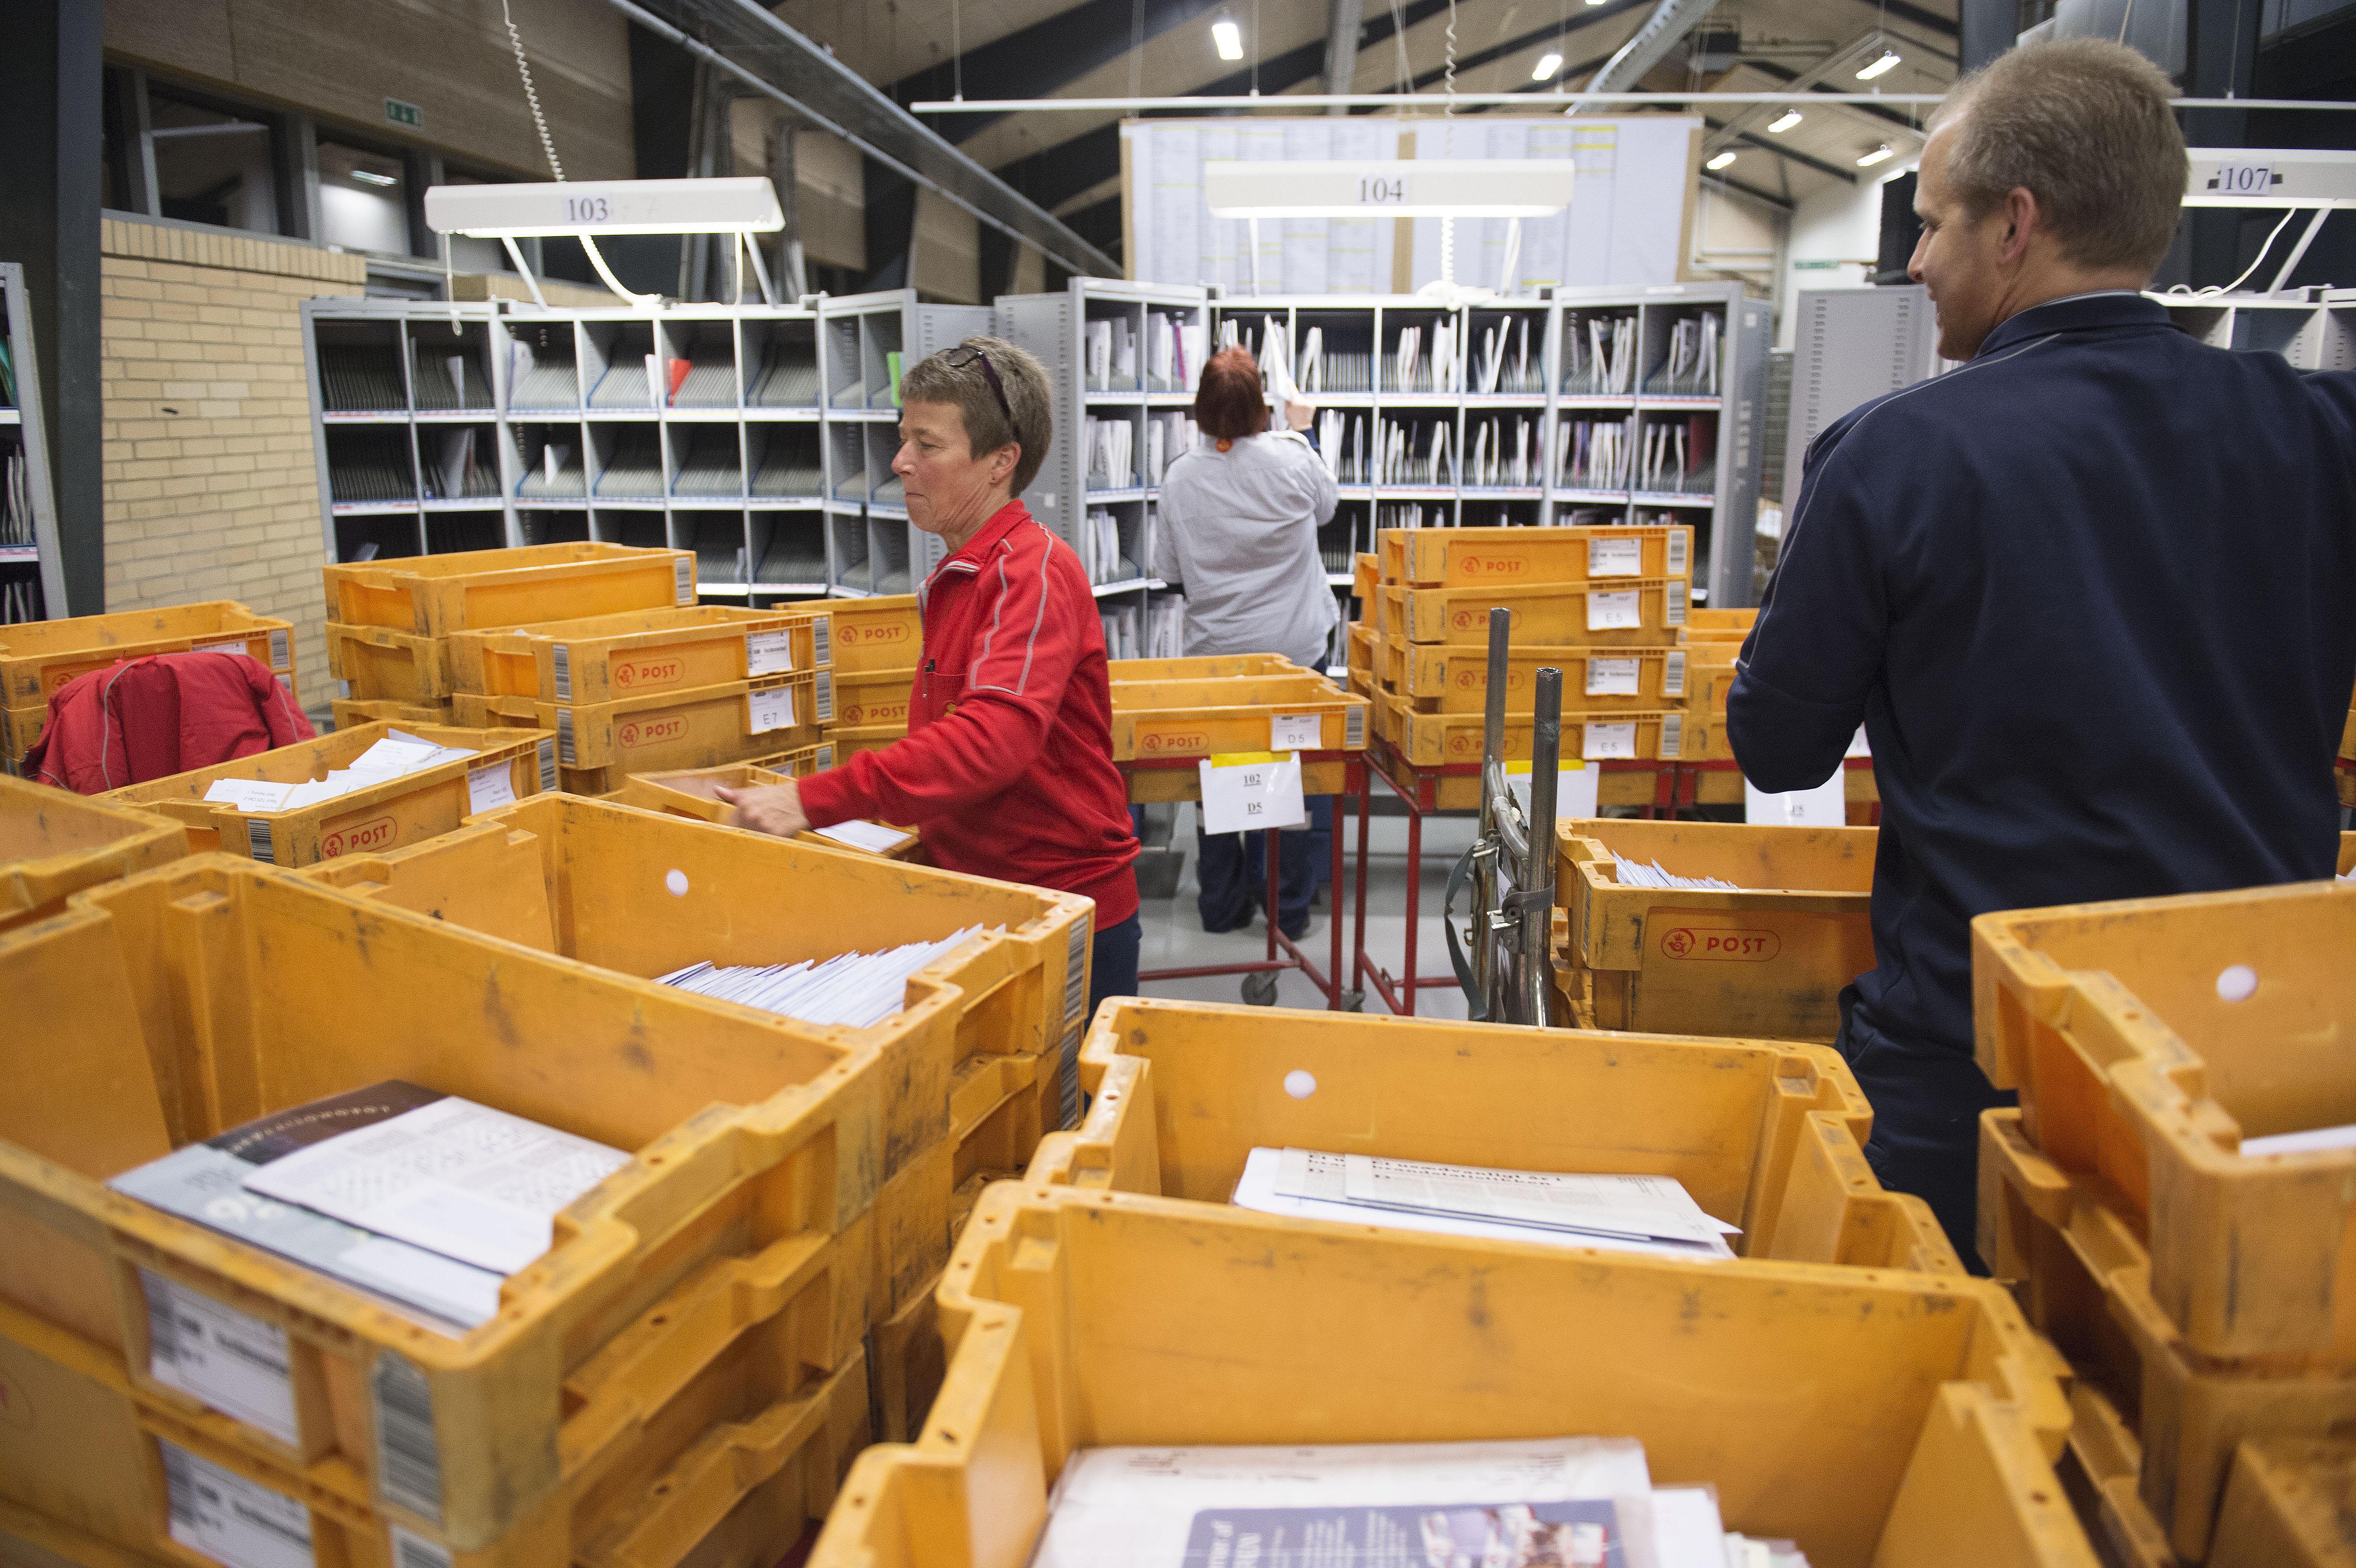 Stor fyringsrunde i postvæsenet er afblæst - Transportmagasinet